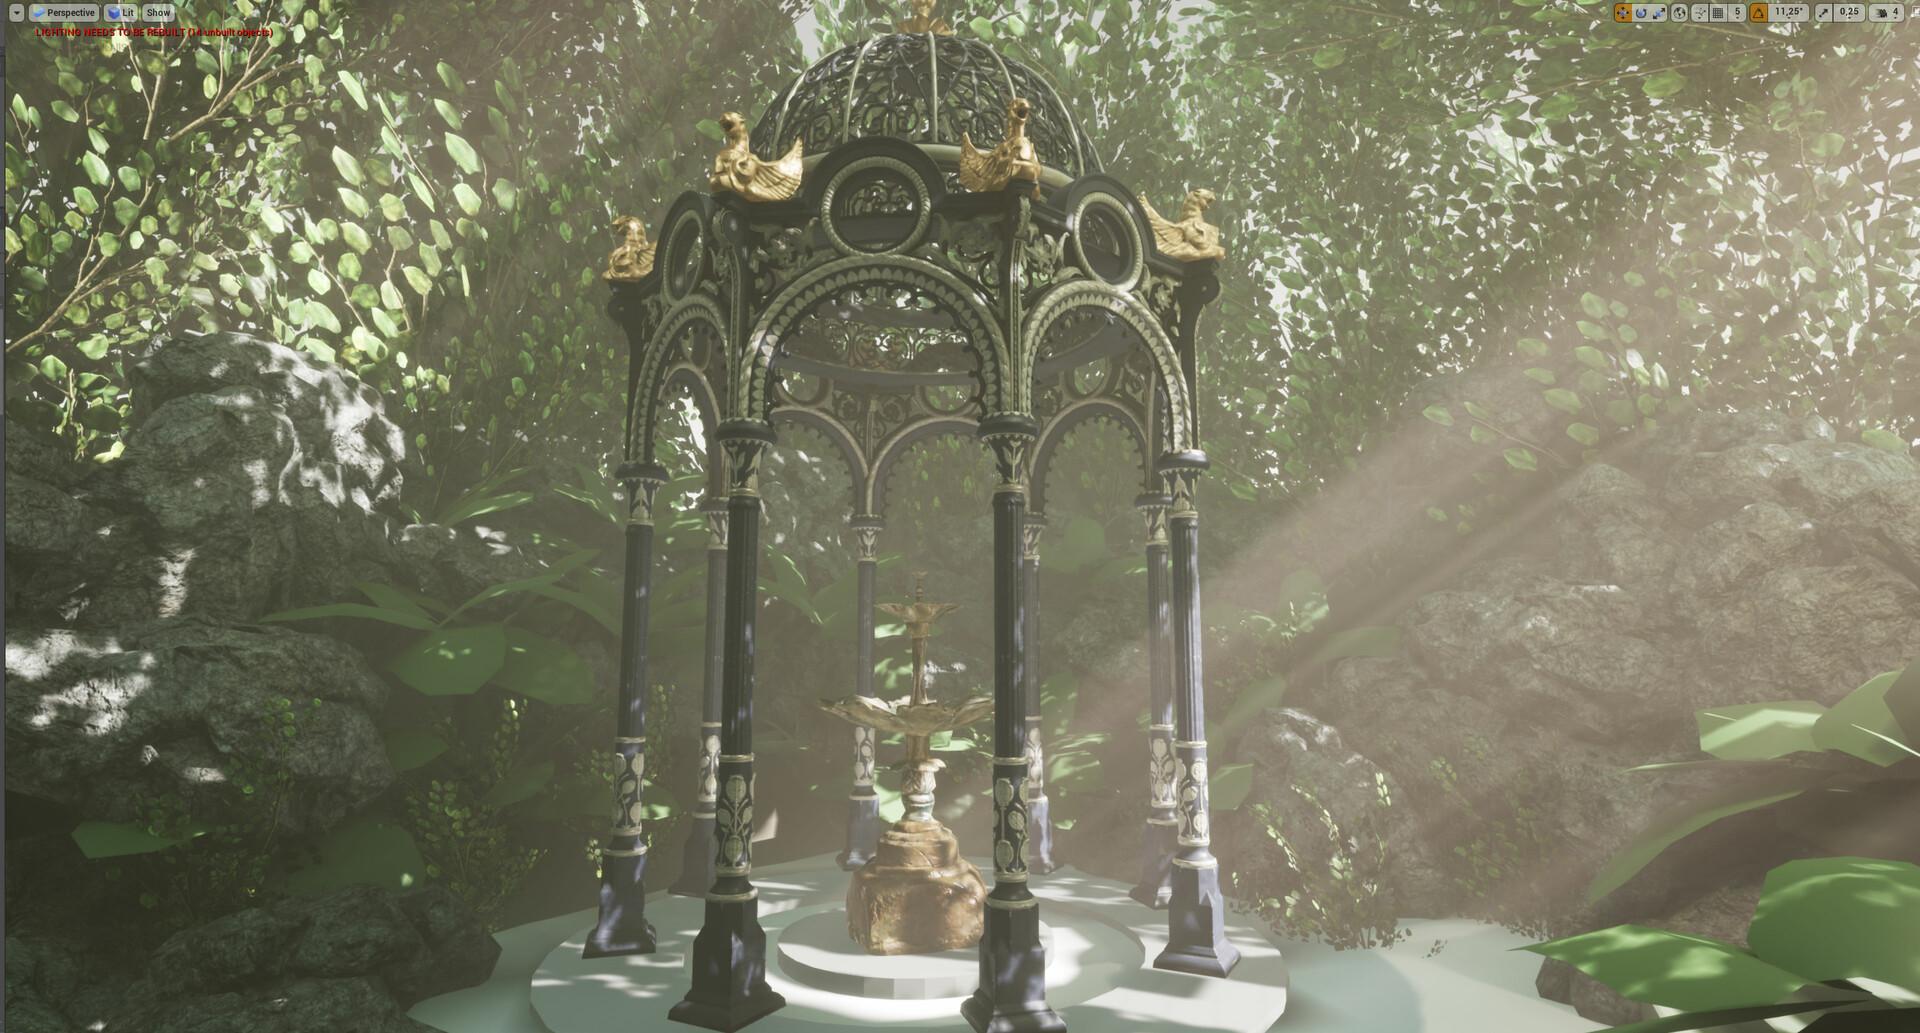 ArtStation - Victorian Gazebo Jungle Scene [UE4], Lars Pfeffer